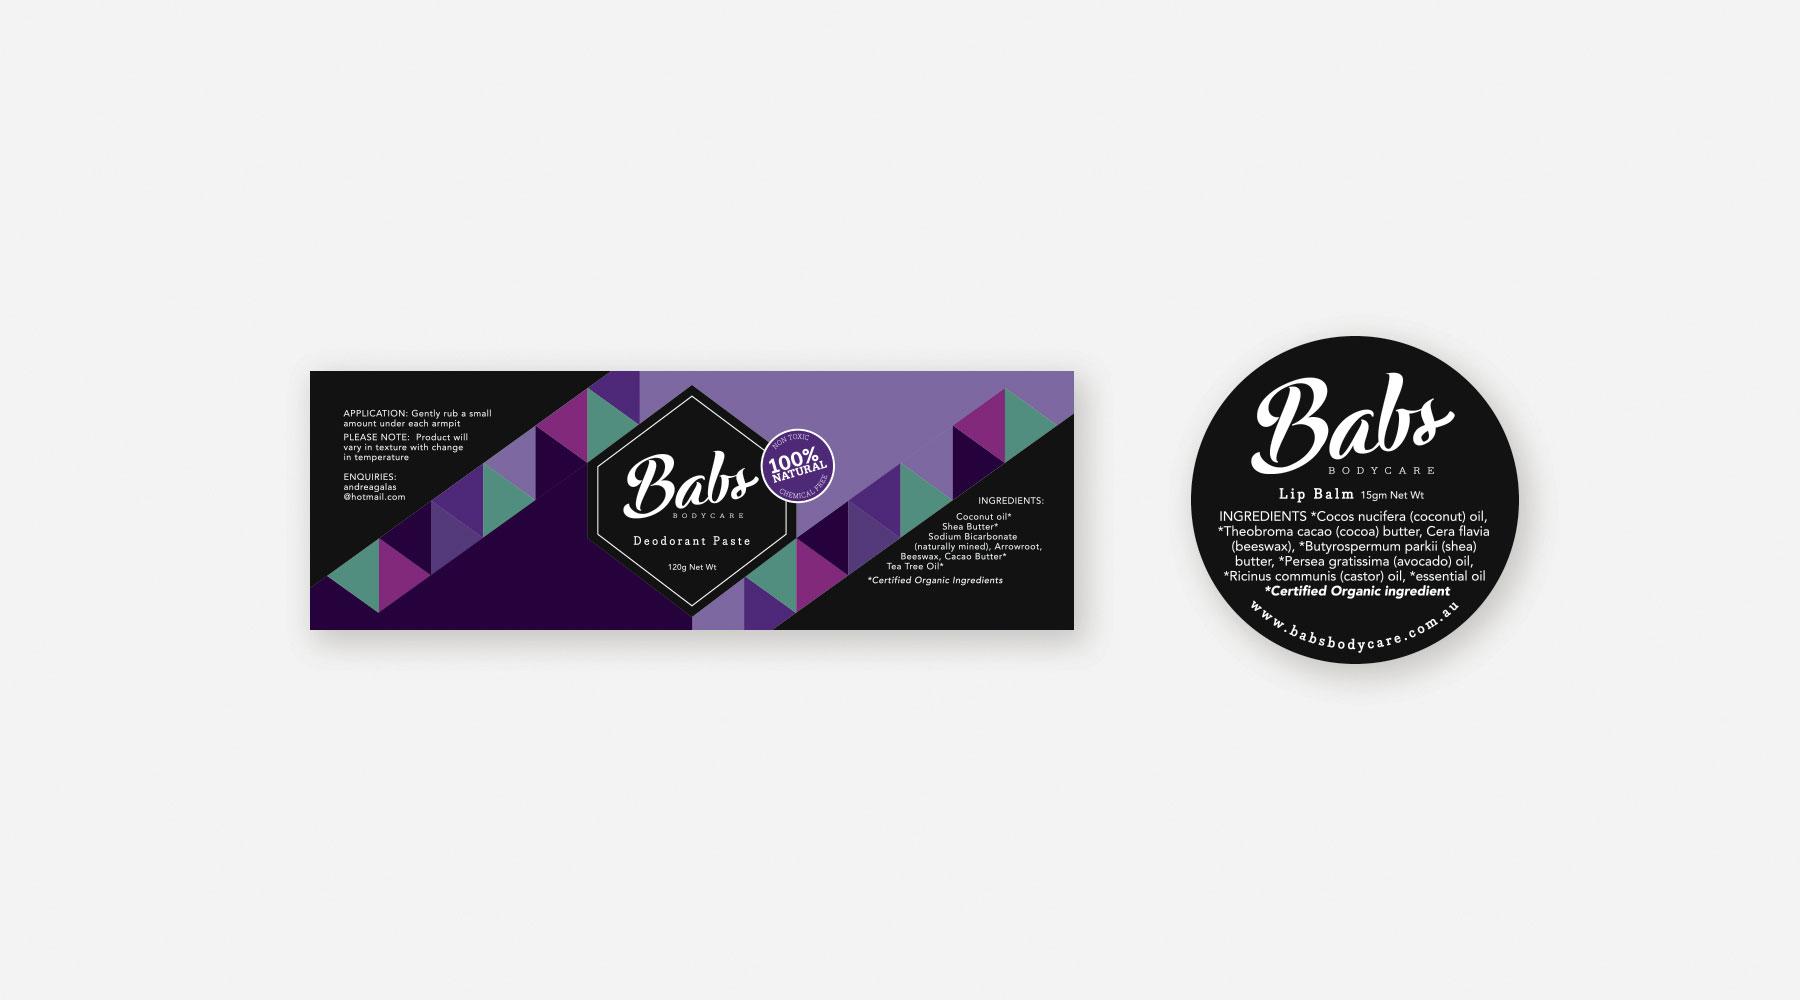 BABS-LABELS.jpg